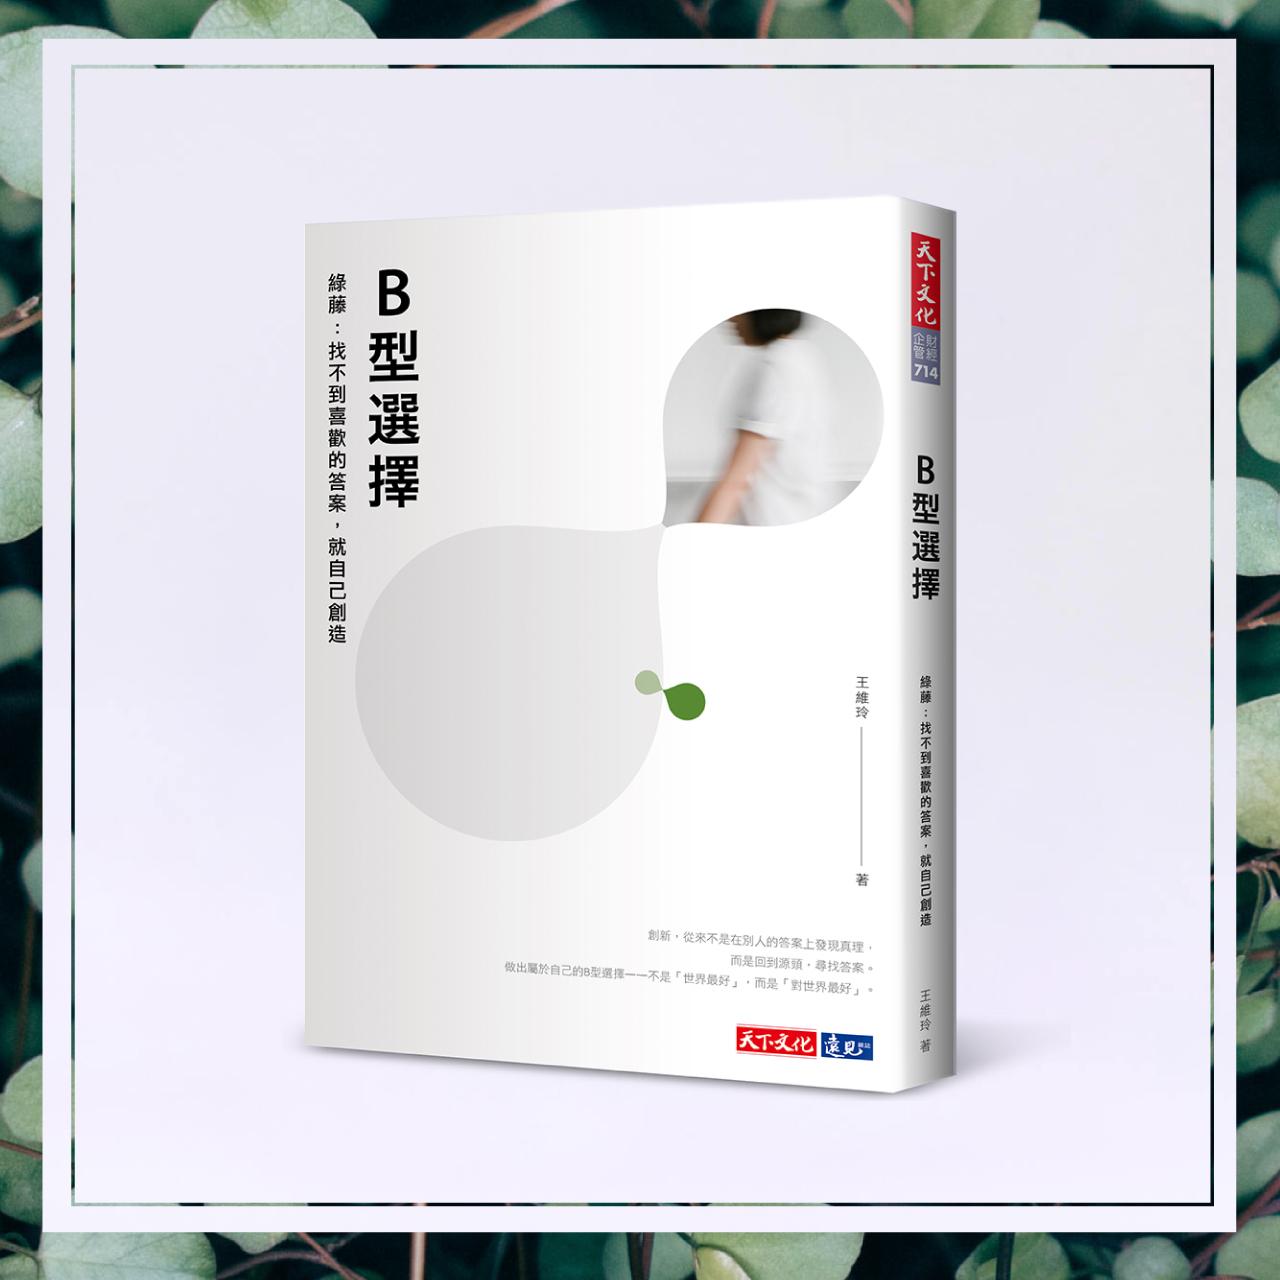 綠藤 x 天下文化出版《B 型選擇》